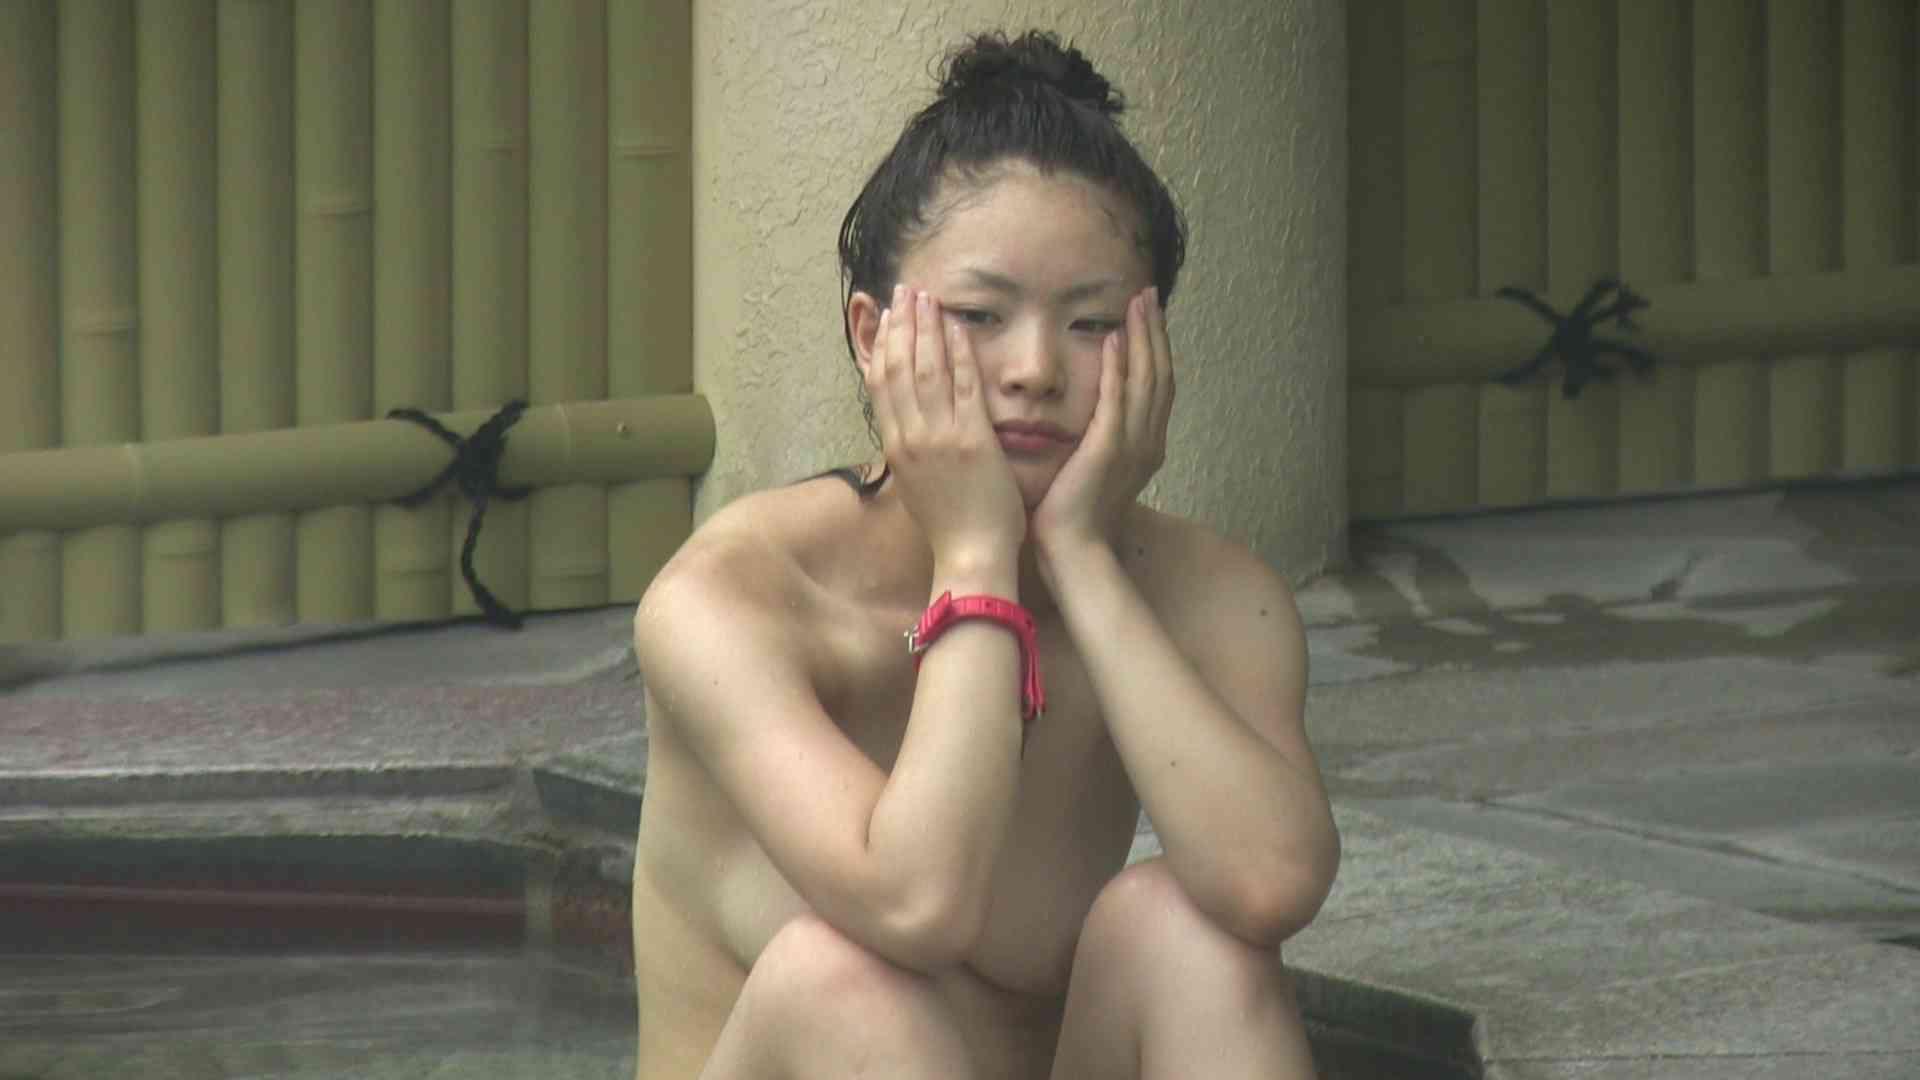 Aquaな露天風呂Vol.137 盗撮 覗きおまんこ画像 76連発 47